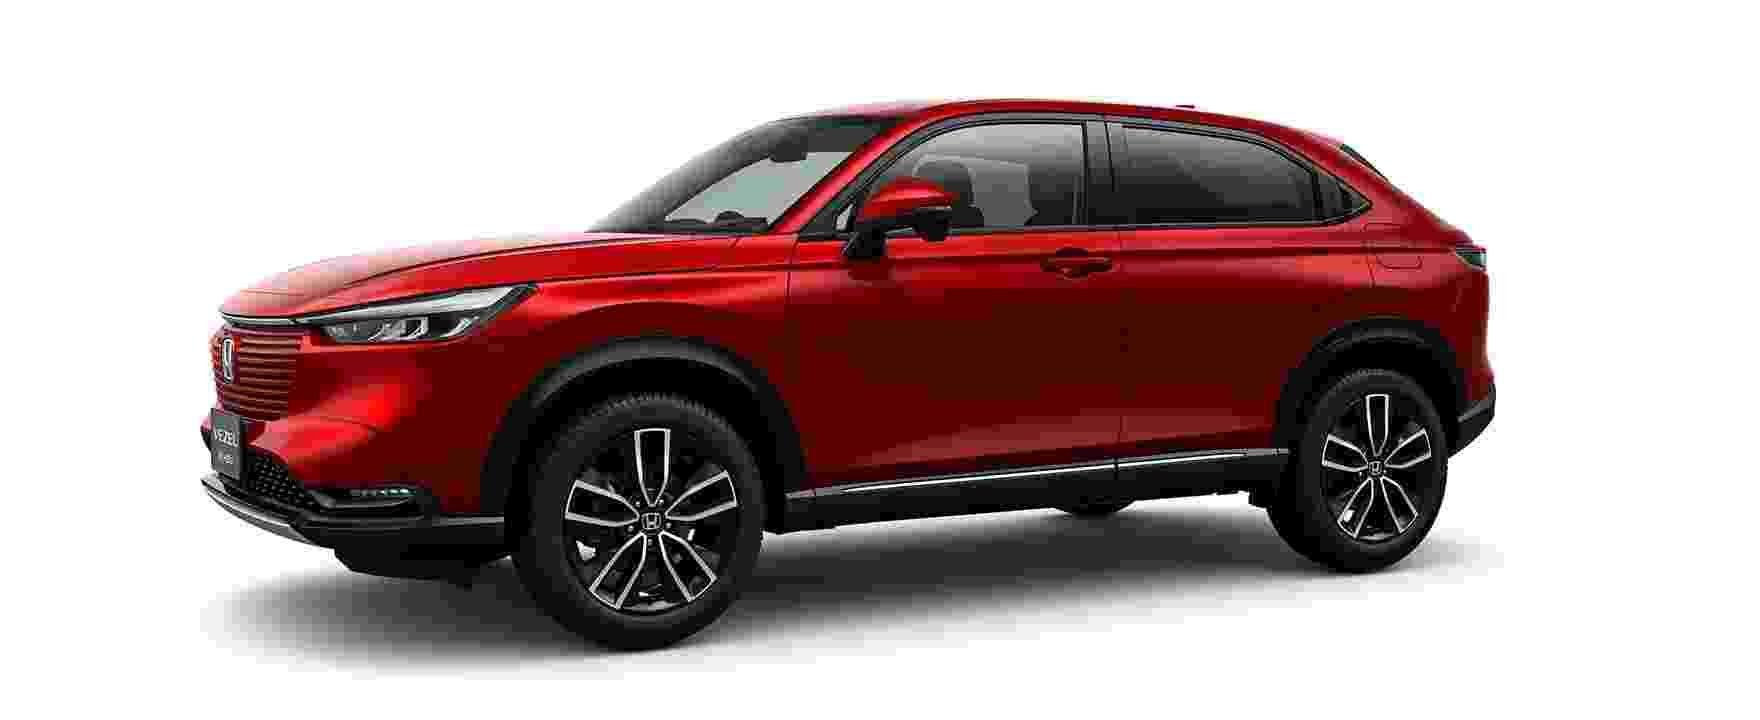 Nova geração do Honda HR-V - Divulgação